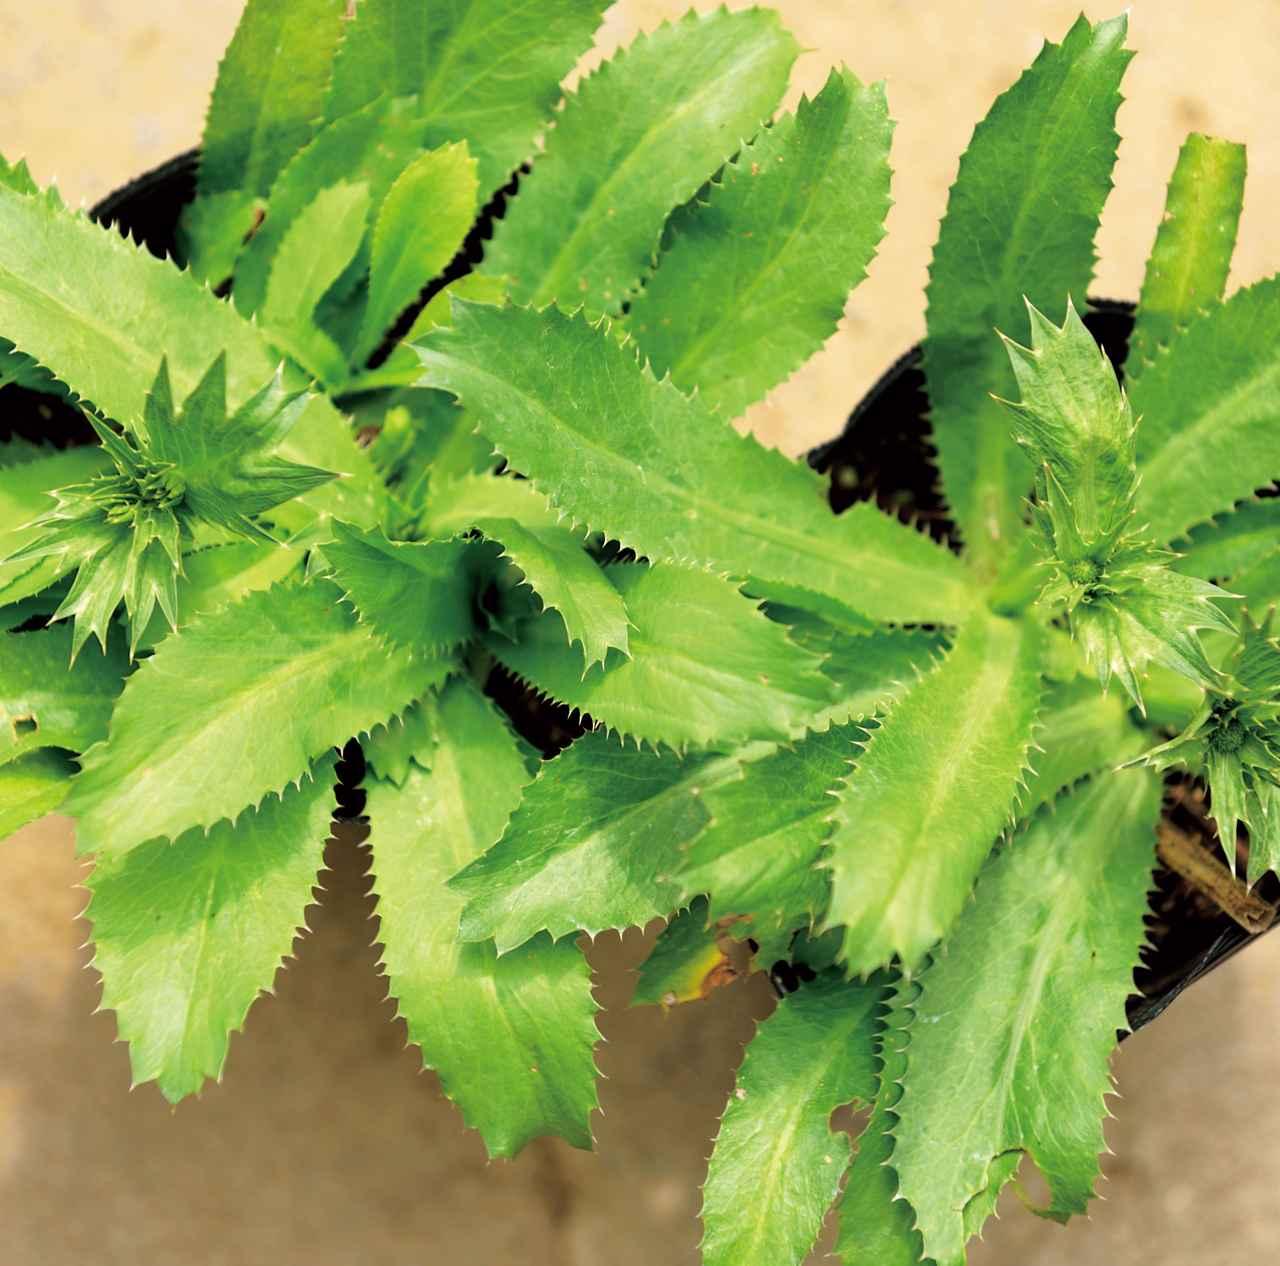 画像: パクチーファラン ギザギザの厚い葉をもち、ノコギリコリアンダーとも。パクチーよりあっさりした風味で、きざんで食べる